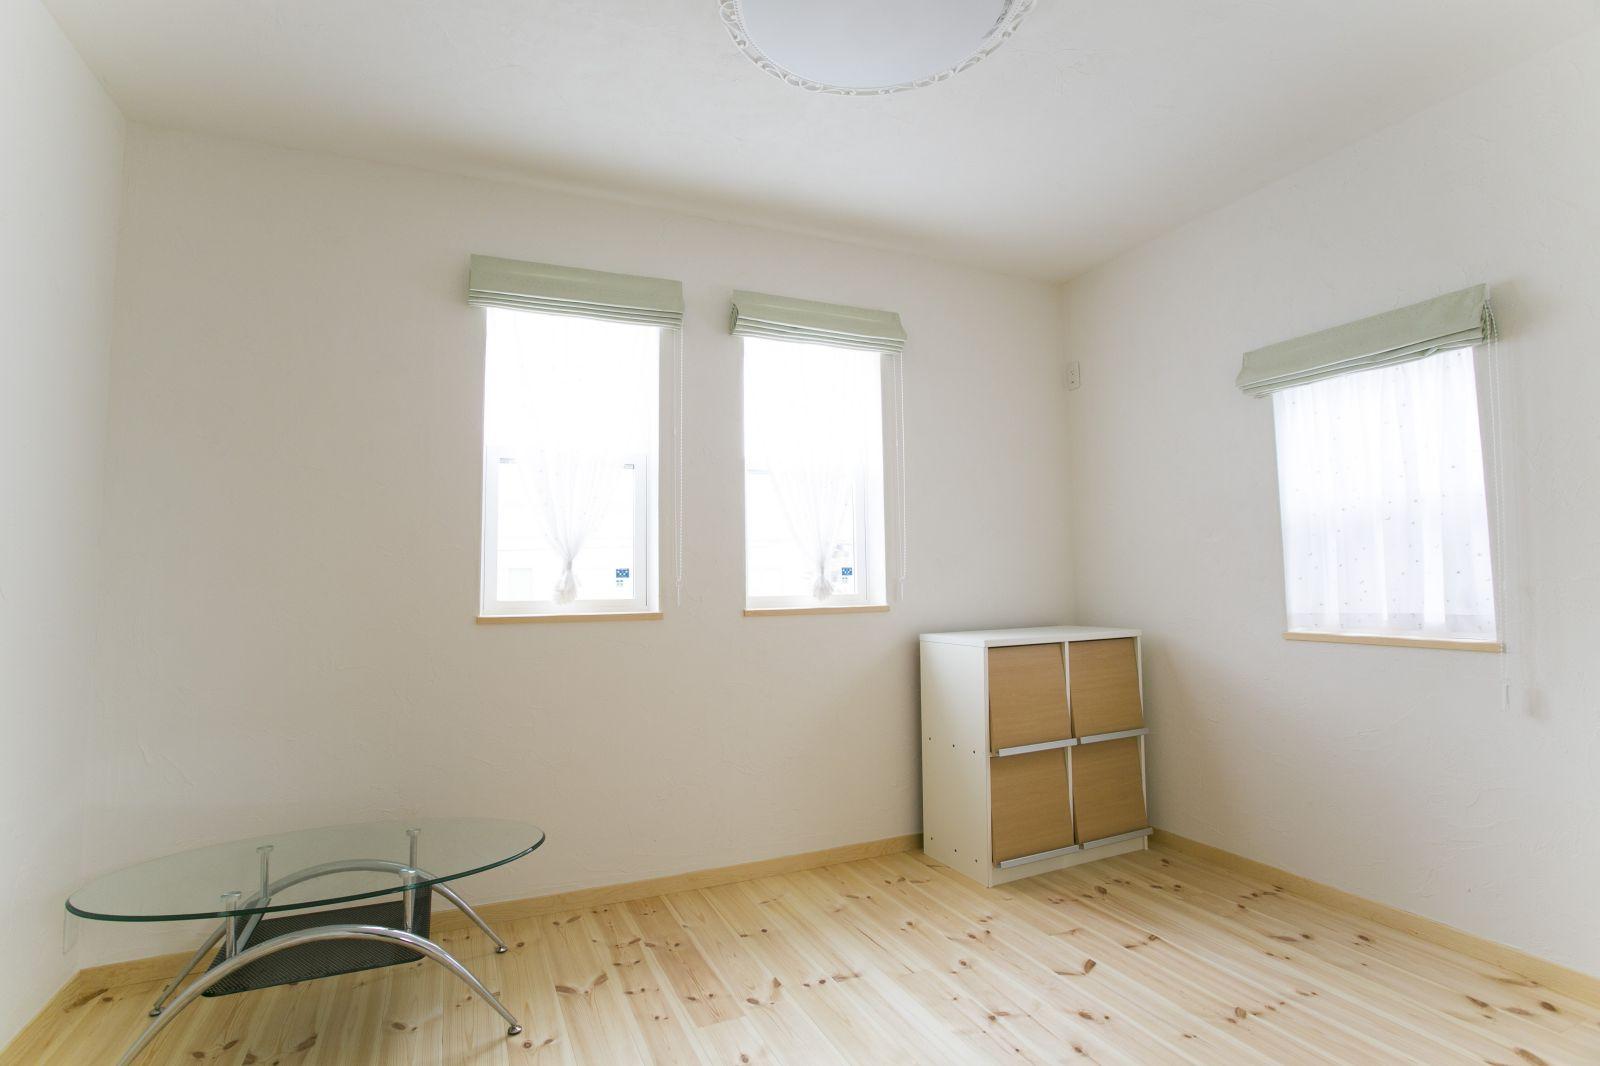 天然木の床とスペイン漆喰、自然素材に包まれた部屋の中には、やわらかな空気が漂う